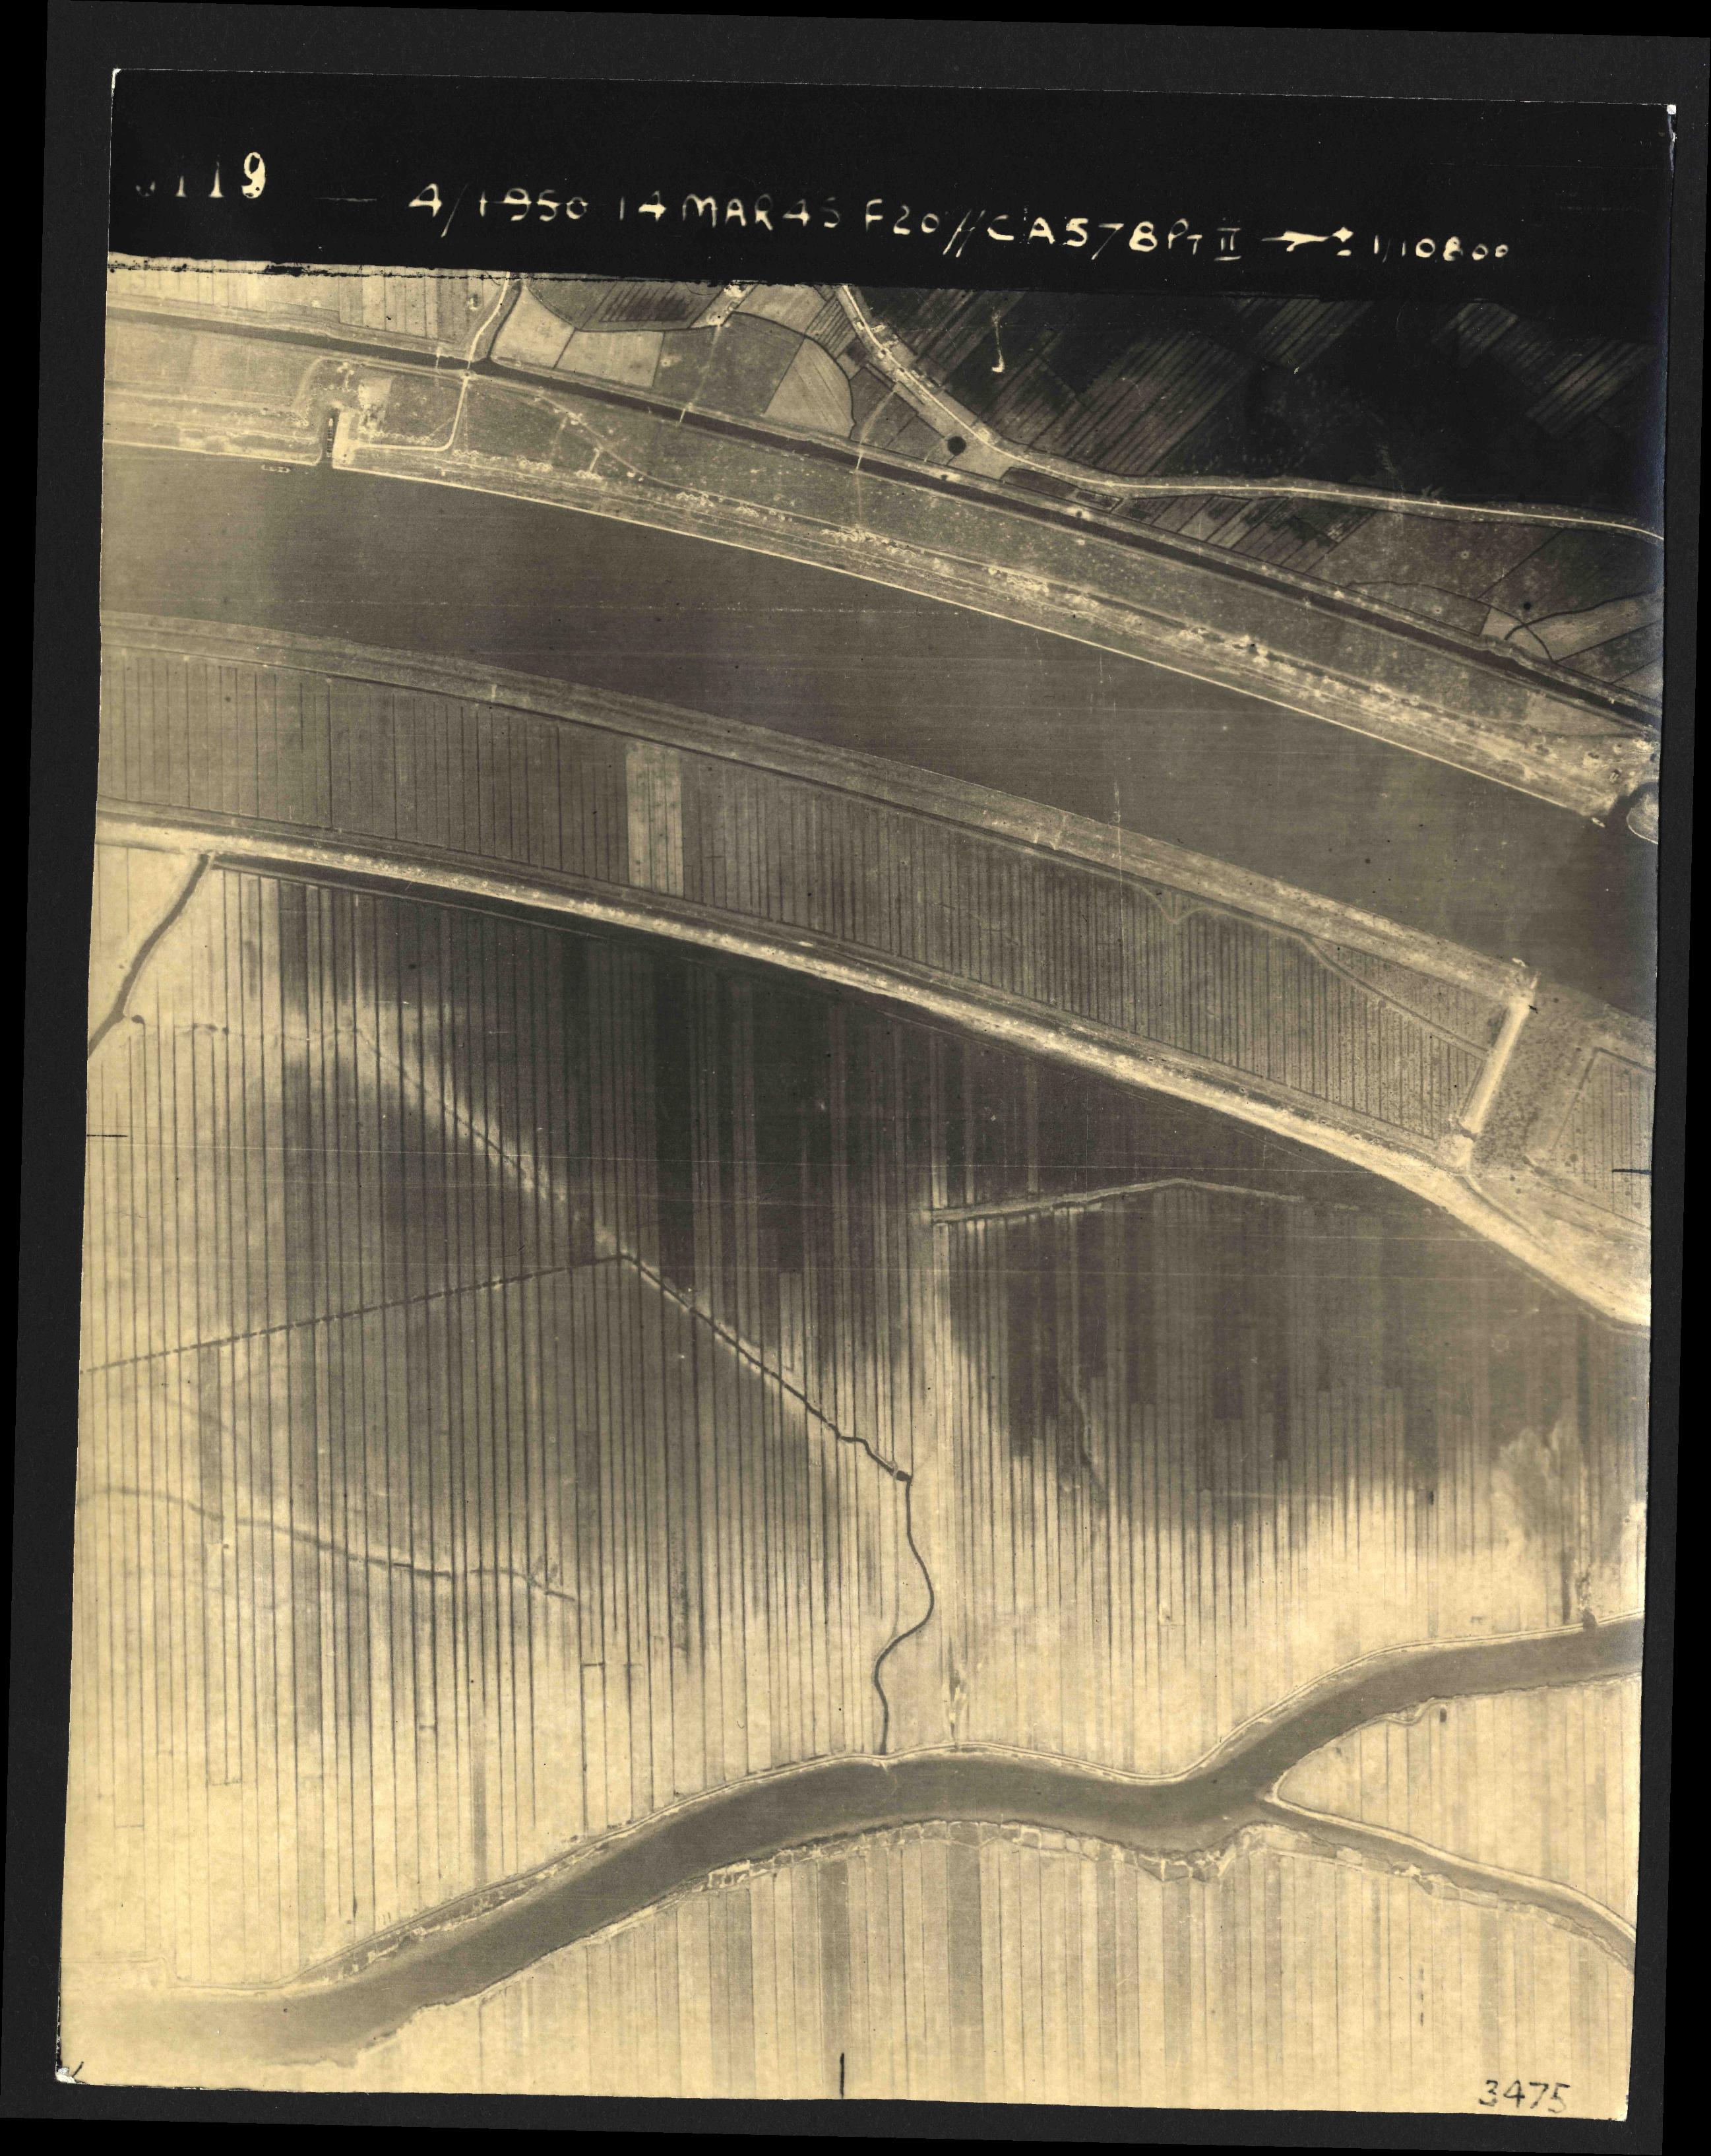 Collection RAF aerial photos 1940-1945 - flight 010, run 09, photo 3119